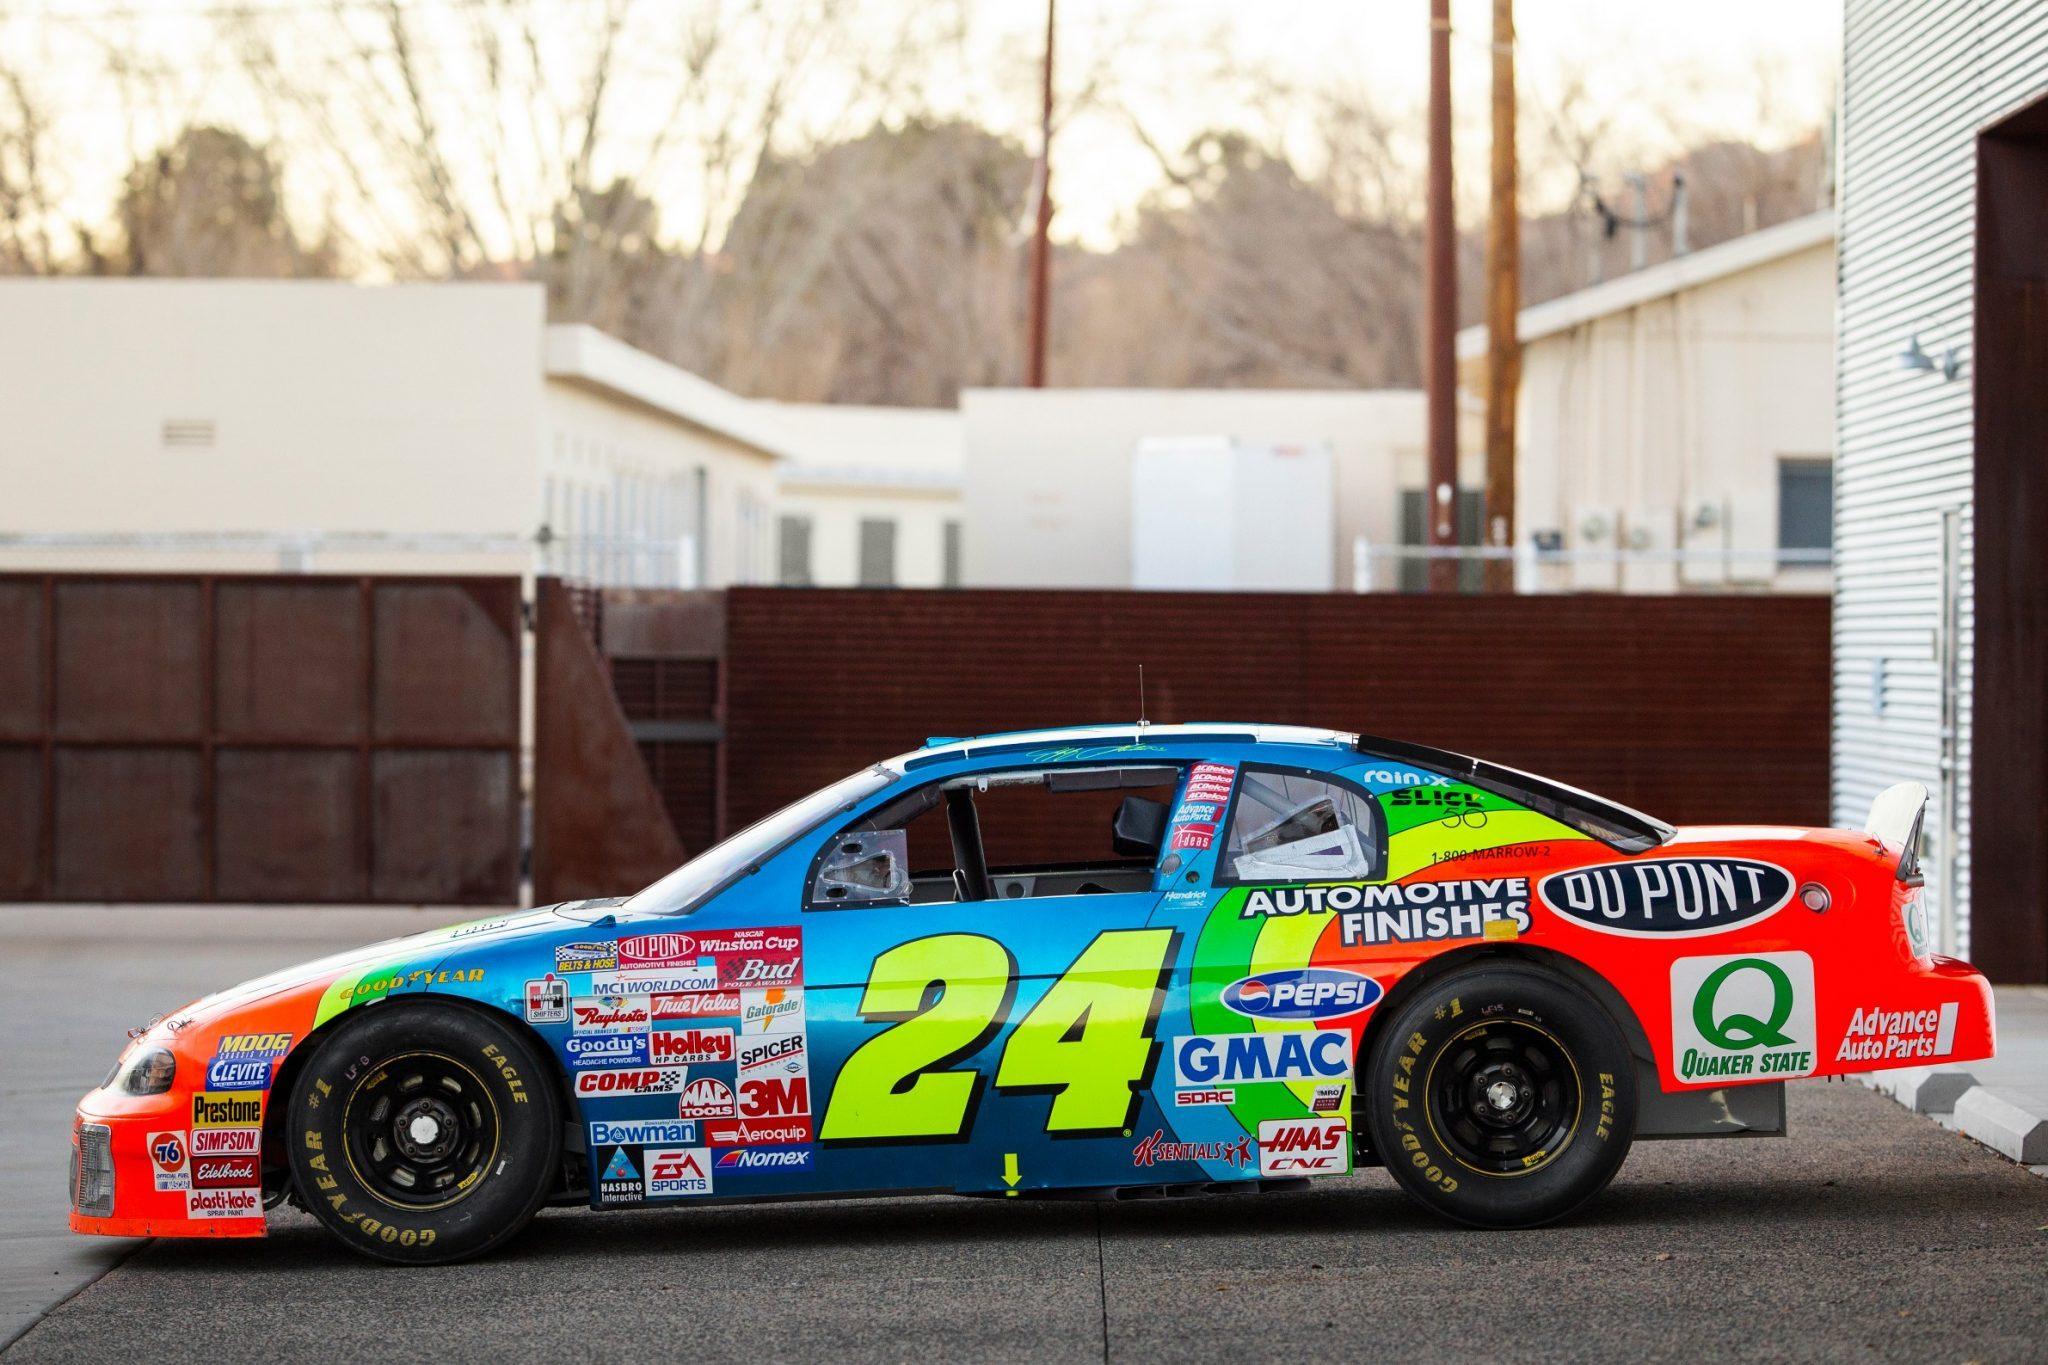 Hendrick Motorsports No 24 - Jeff Gordon